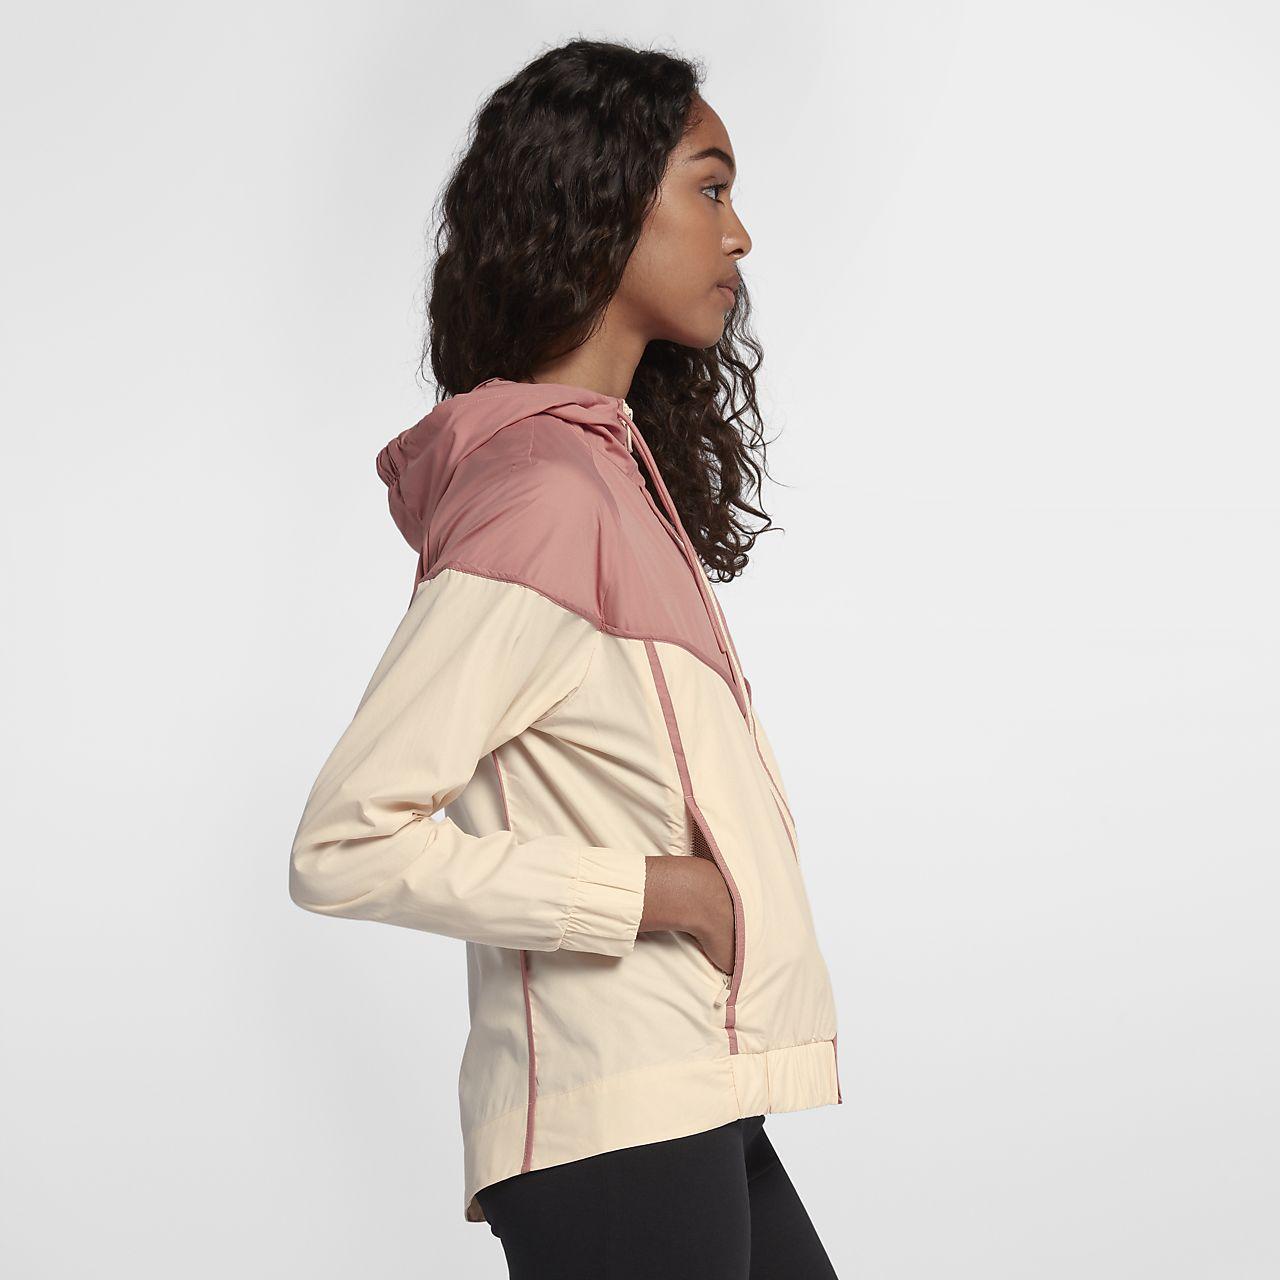 new concept eb92d 57cce Low Resolution Nike Sportswear Windrunner Womens Woven Windbreaker Nike  Sportswear Windrunner Womens Woven Windbreaker